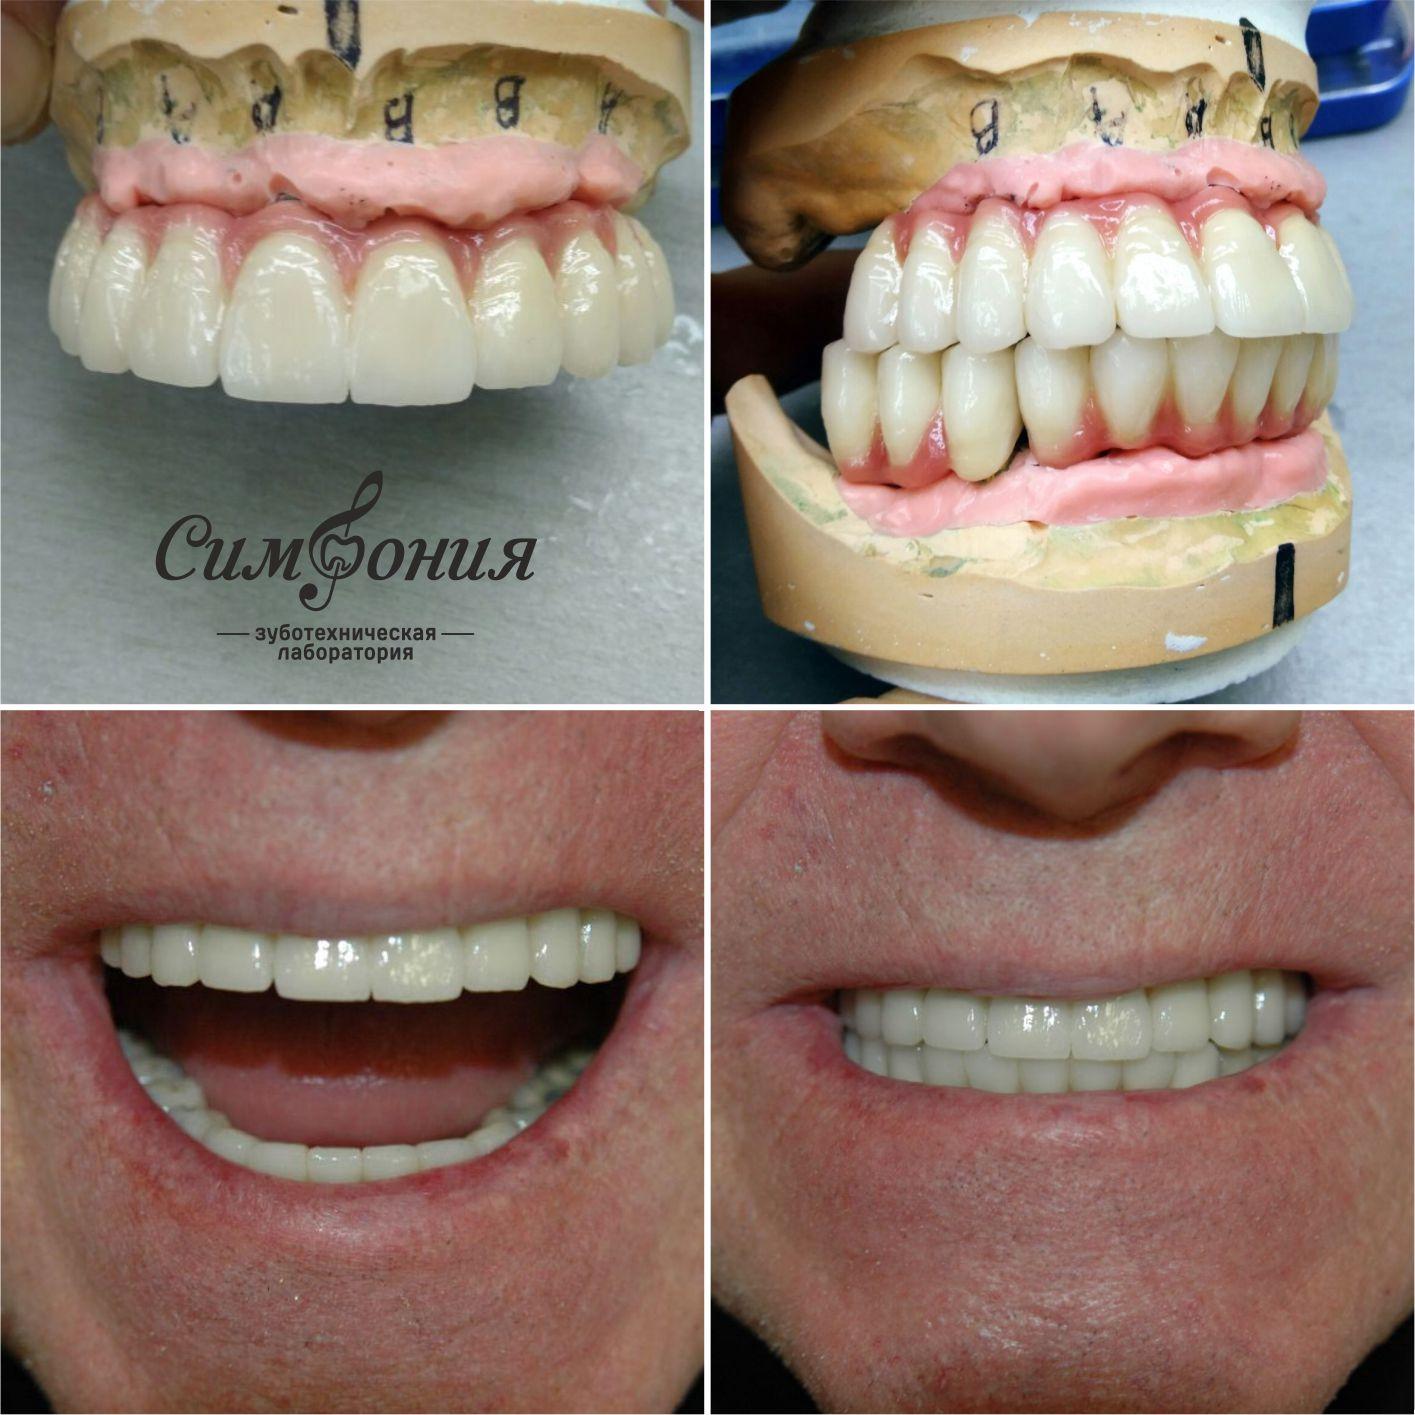 имплантация зубов, имплантация зубов в краснодаре